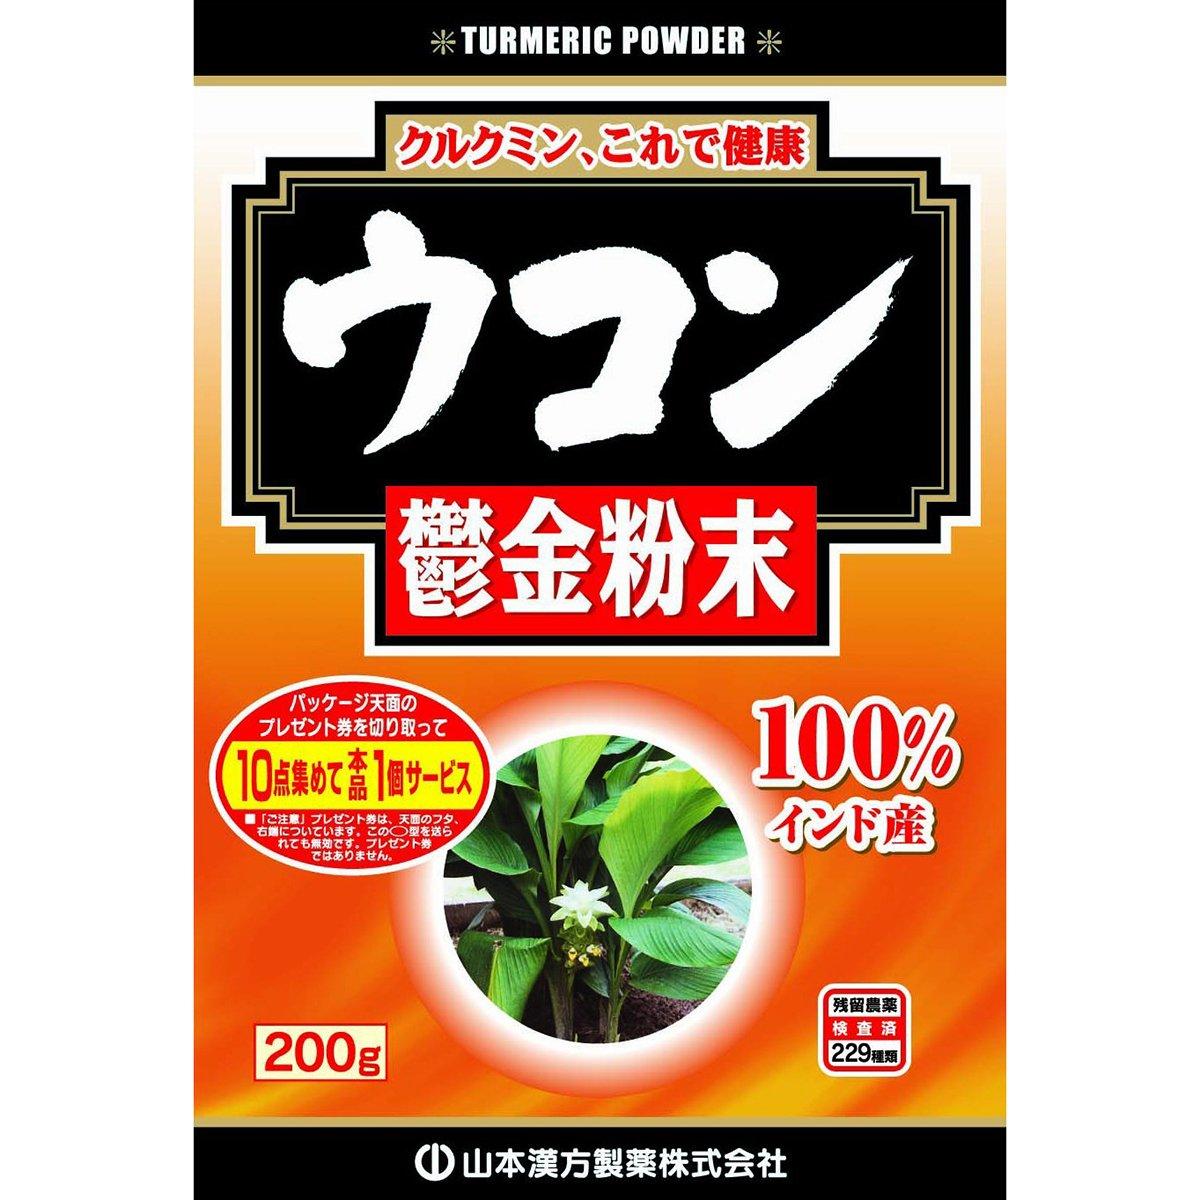 【山本漢方製薬】ウコン粉末 100% 200g ×20個セット B005Z1SV5K